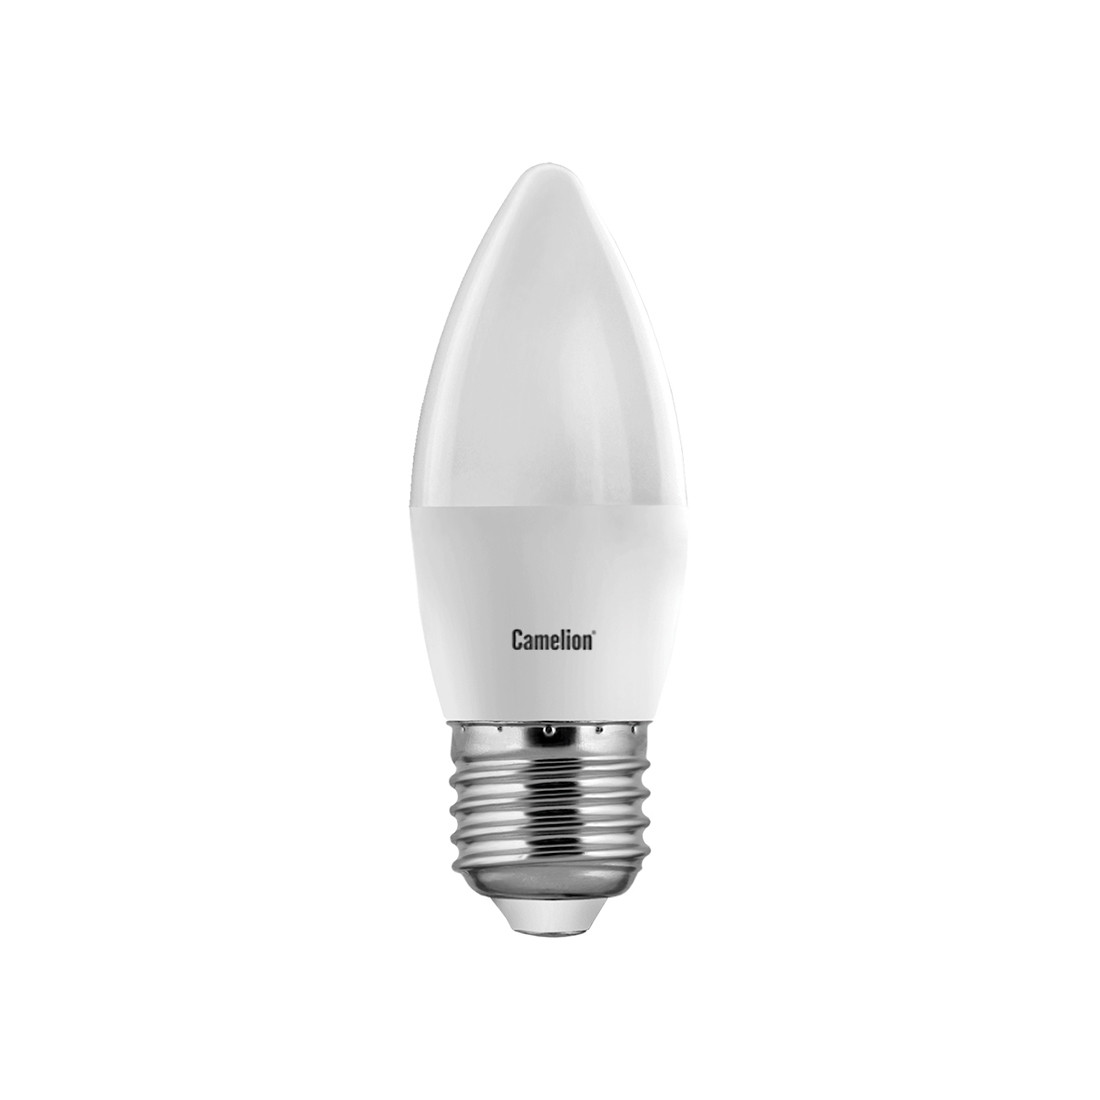 Эл. лампа светодиодная Camelion LED7-C35/845/E27, Холодный